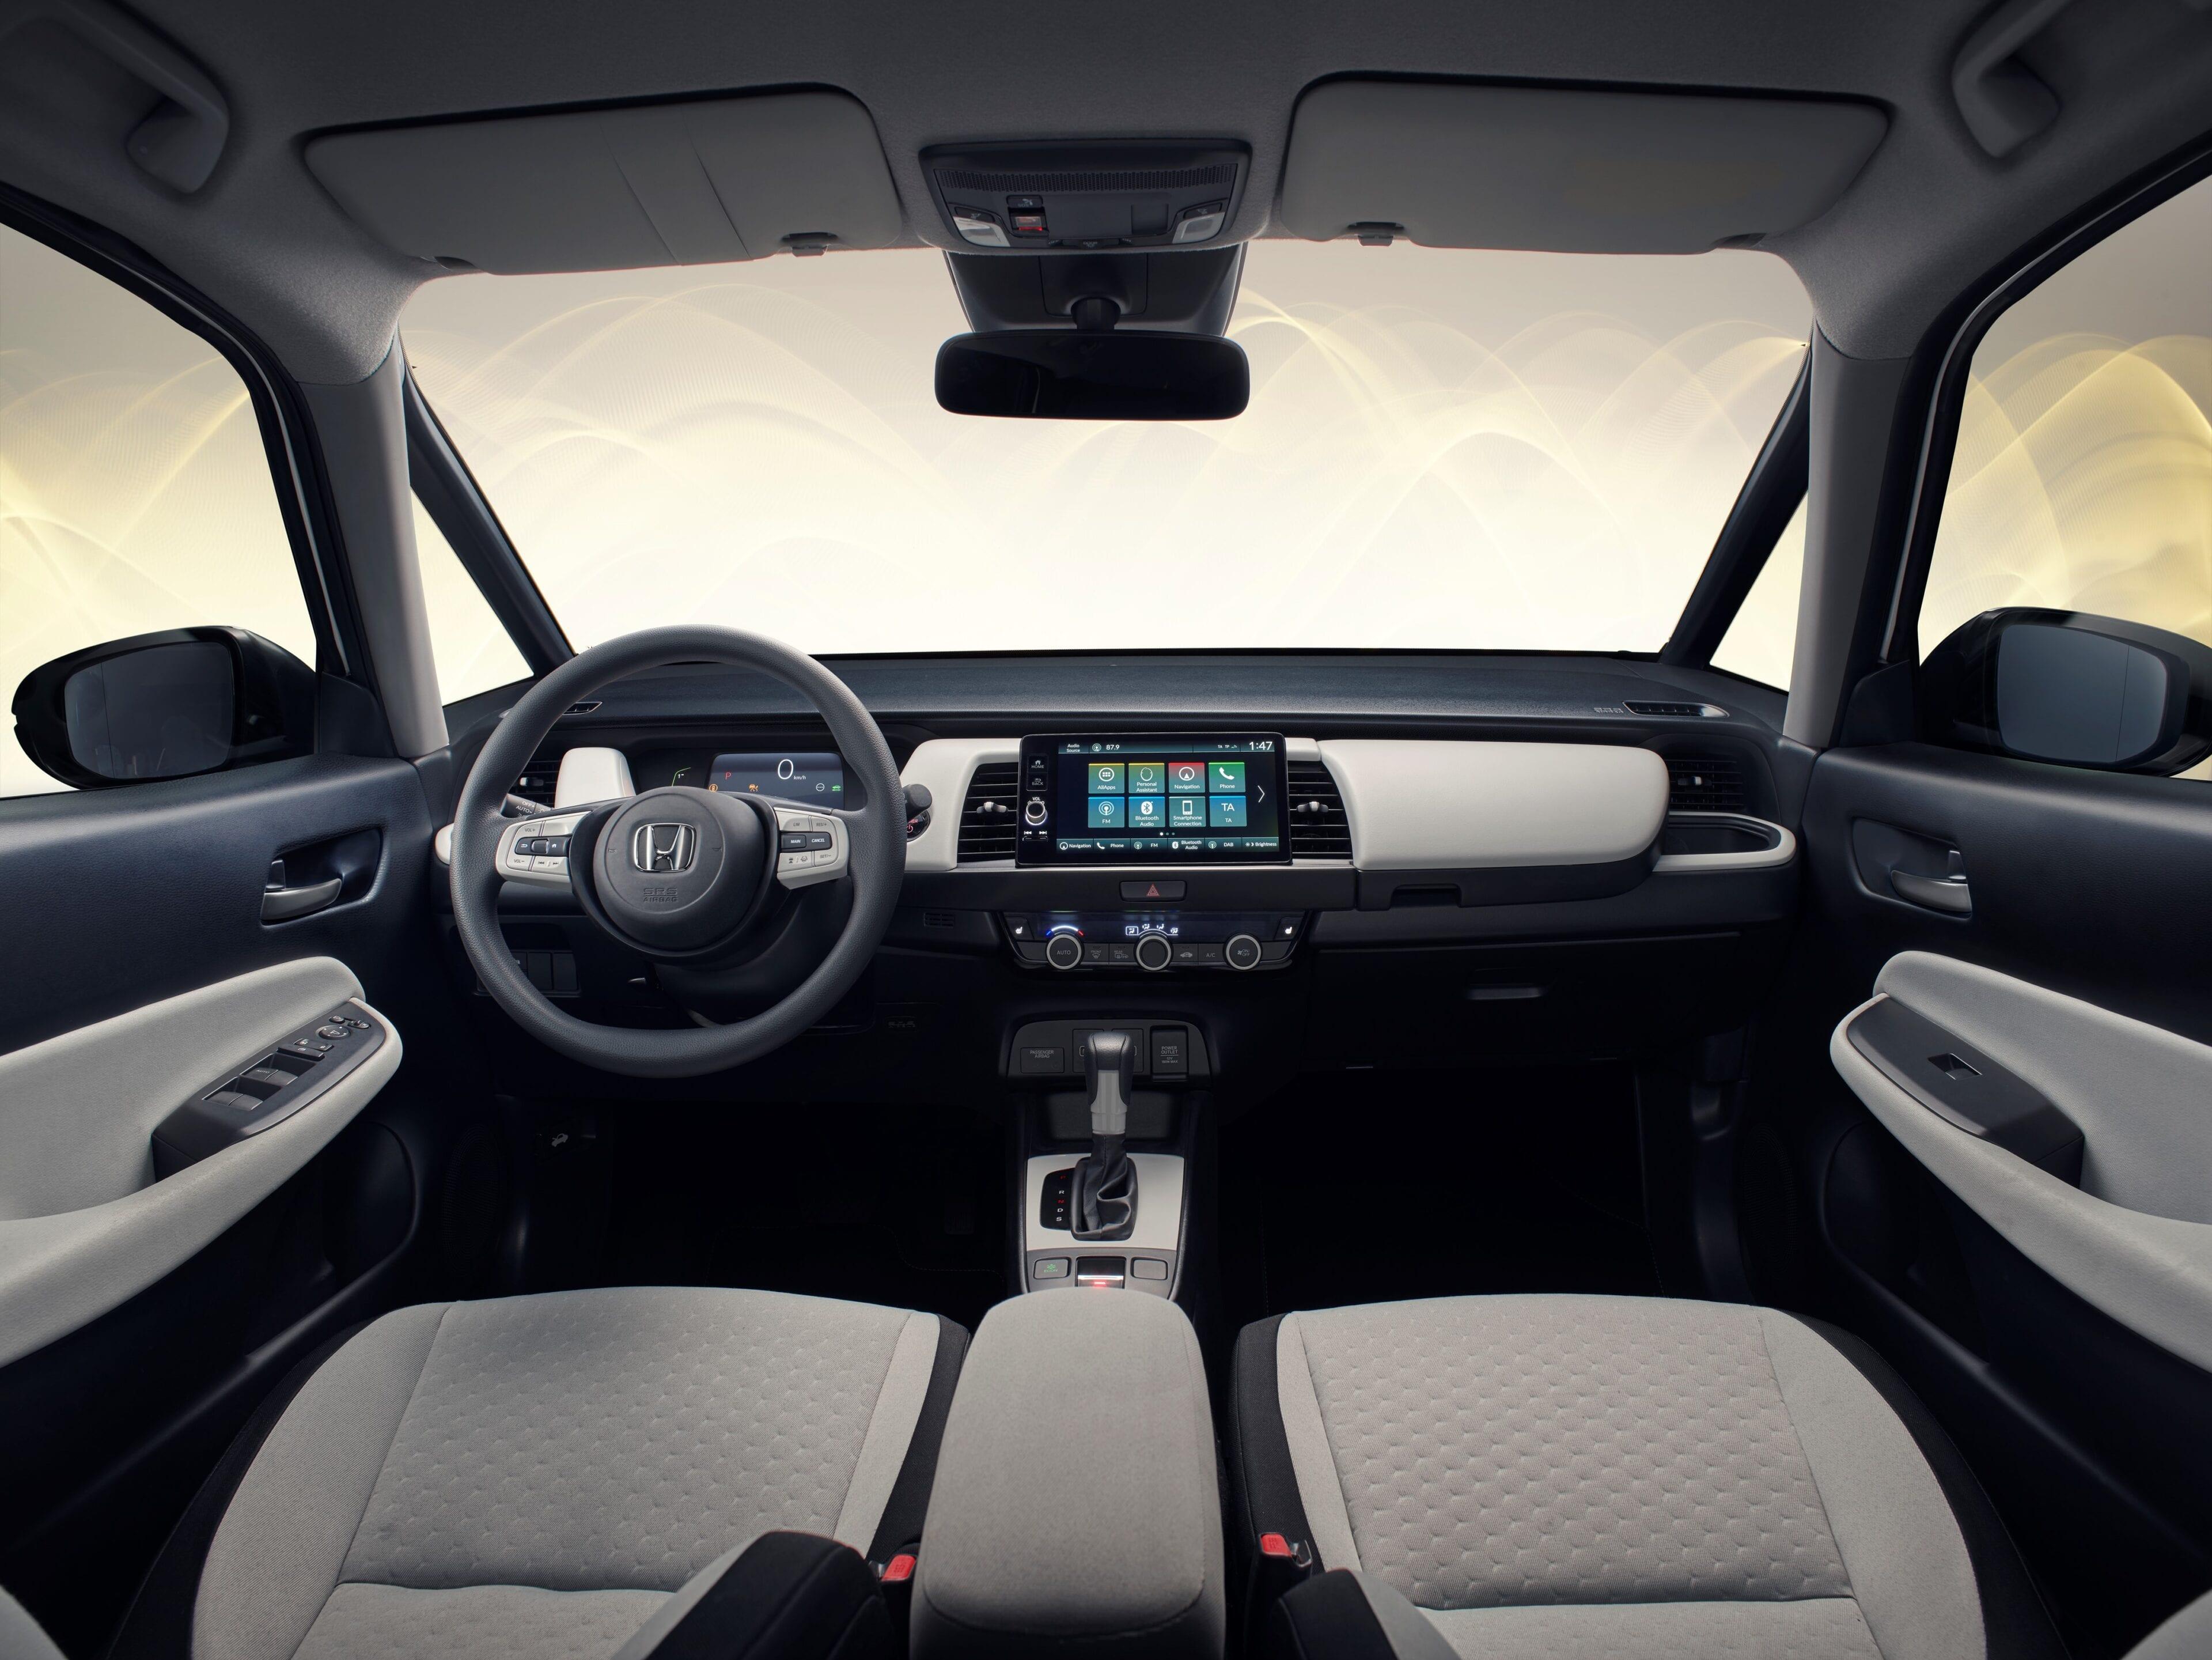 Door middel van smalle stijlen heeft u een panoramisch zicht vanuit de bestuurdersstoel en dit zorgt voor een beter overzicht op de weg